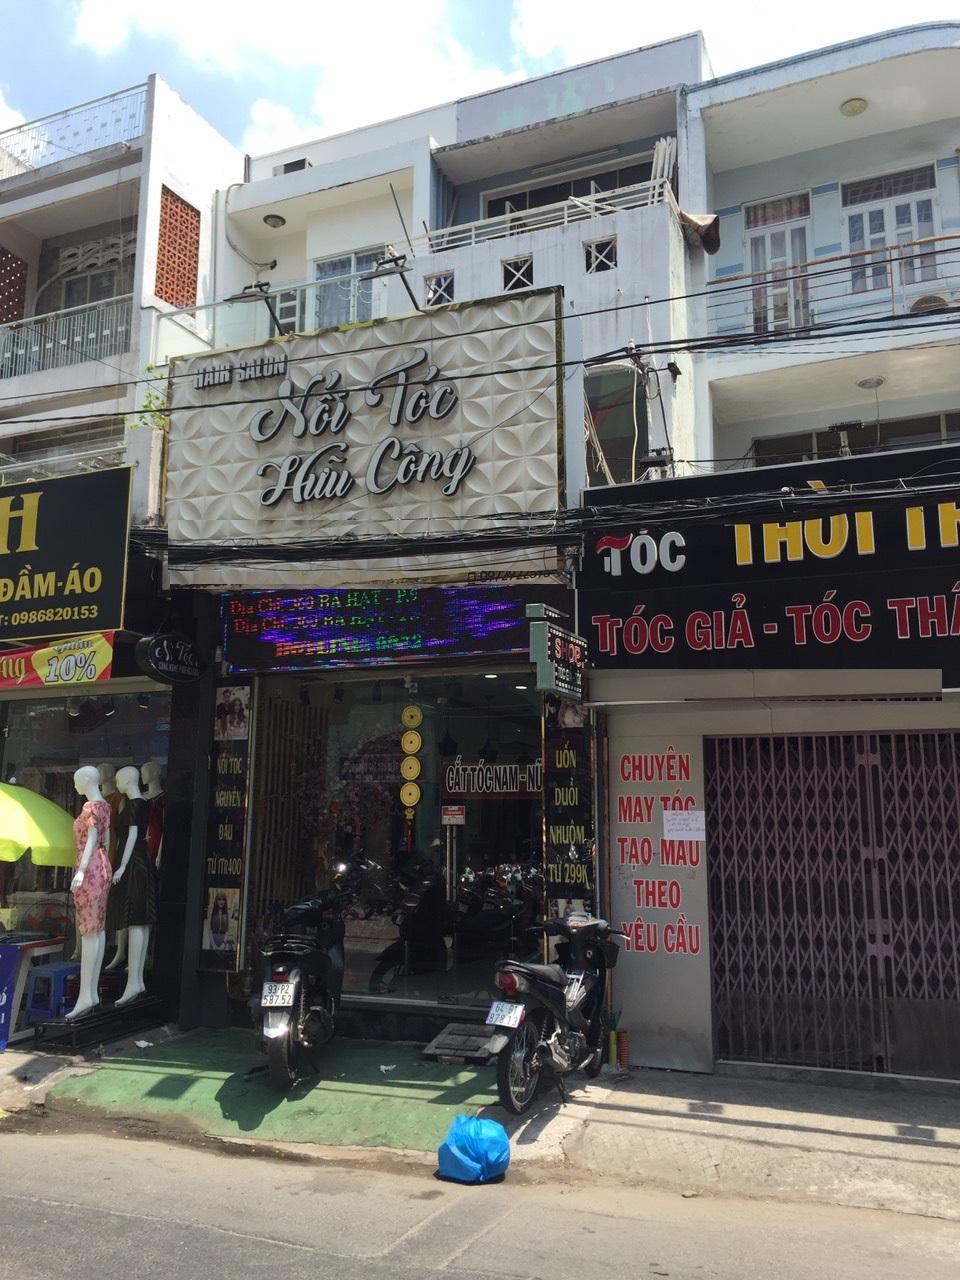 Cho thuê nhà mặt tiền đường Ba Hạt phường 9 quận 10